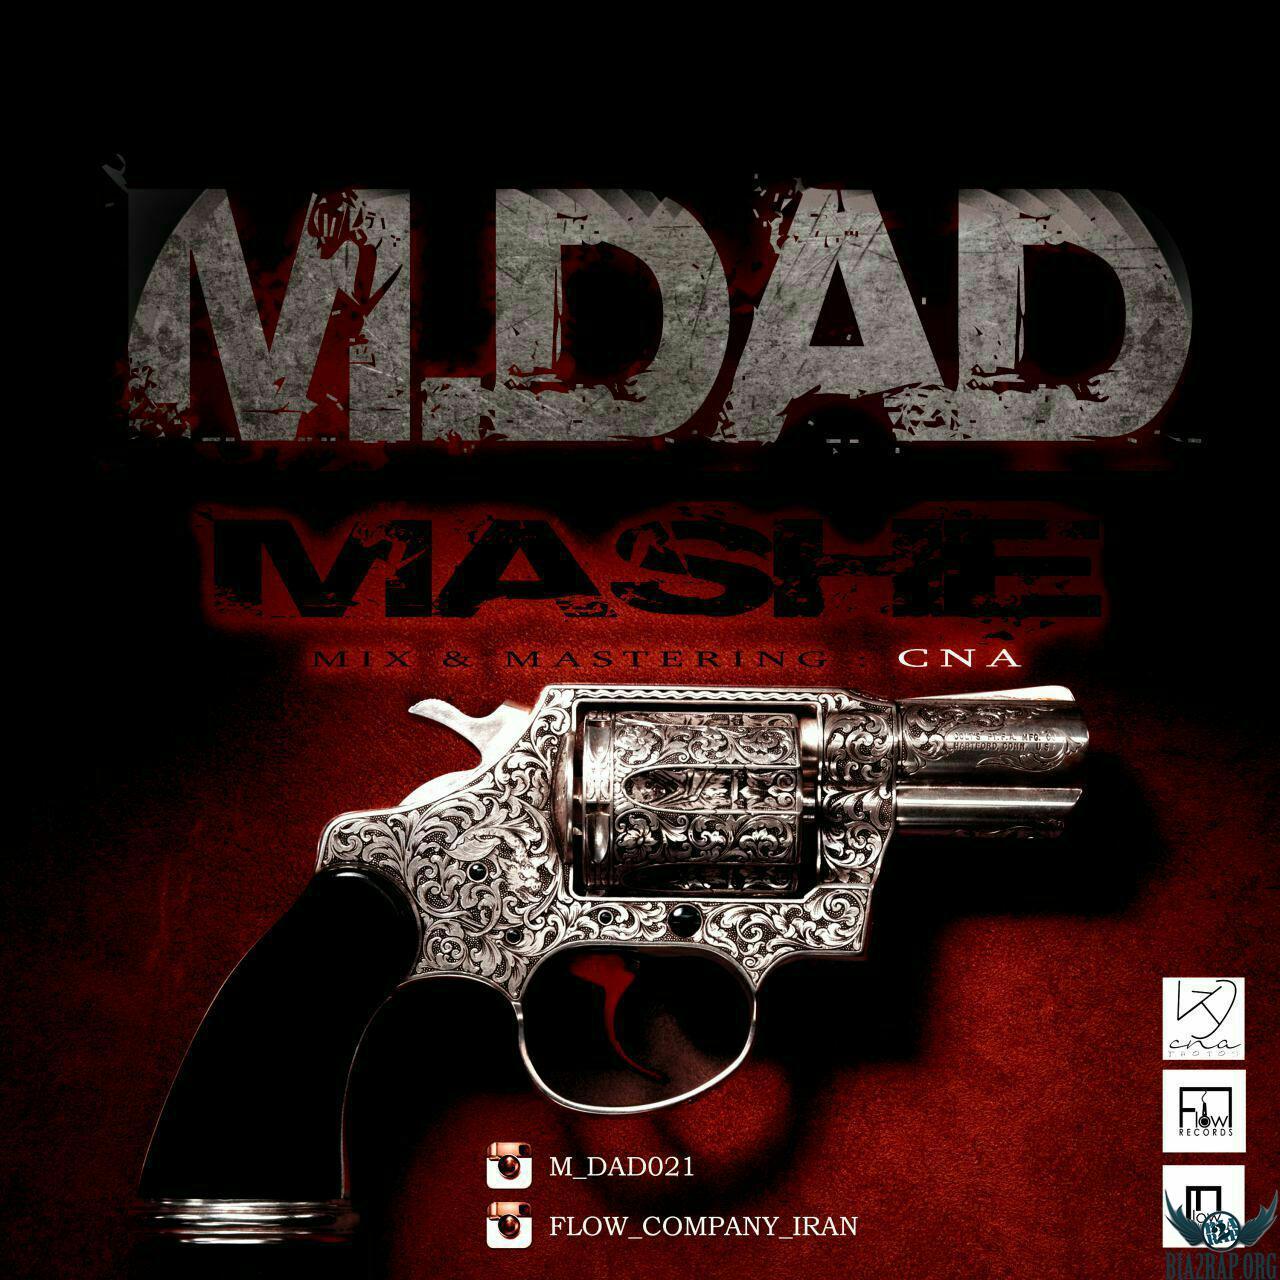 M.Dad - Mashe